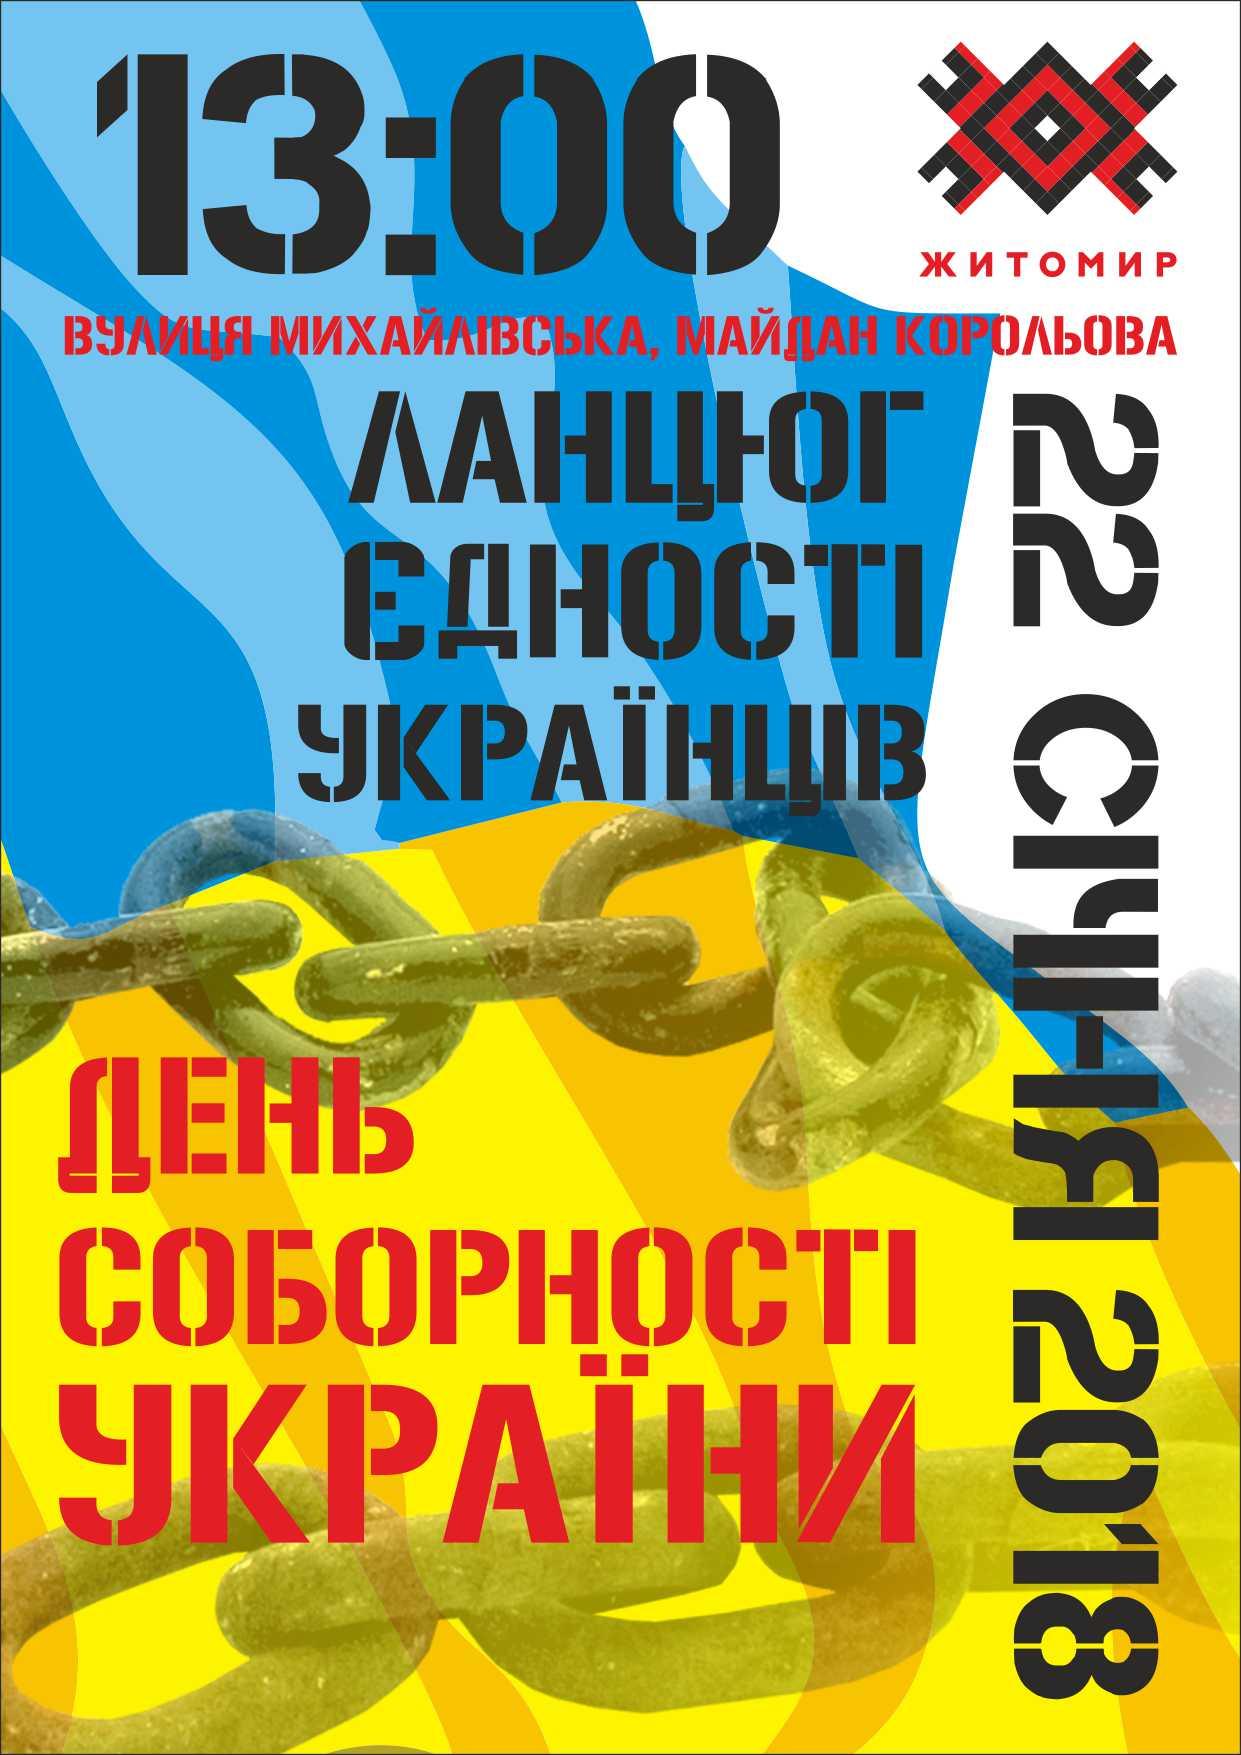 ЖИТОМИР СВЯТКУЄ День Соборності України 2018!